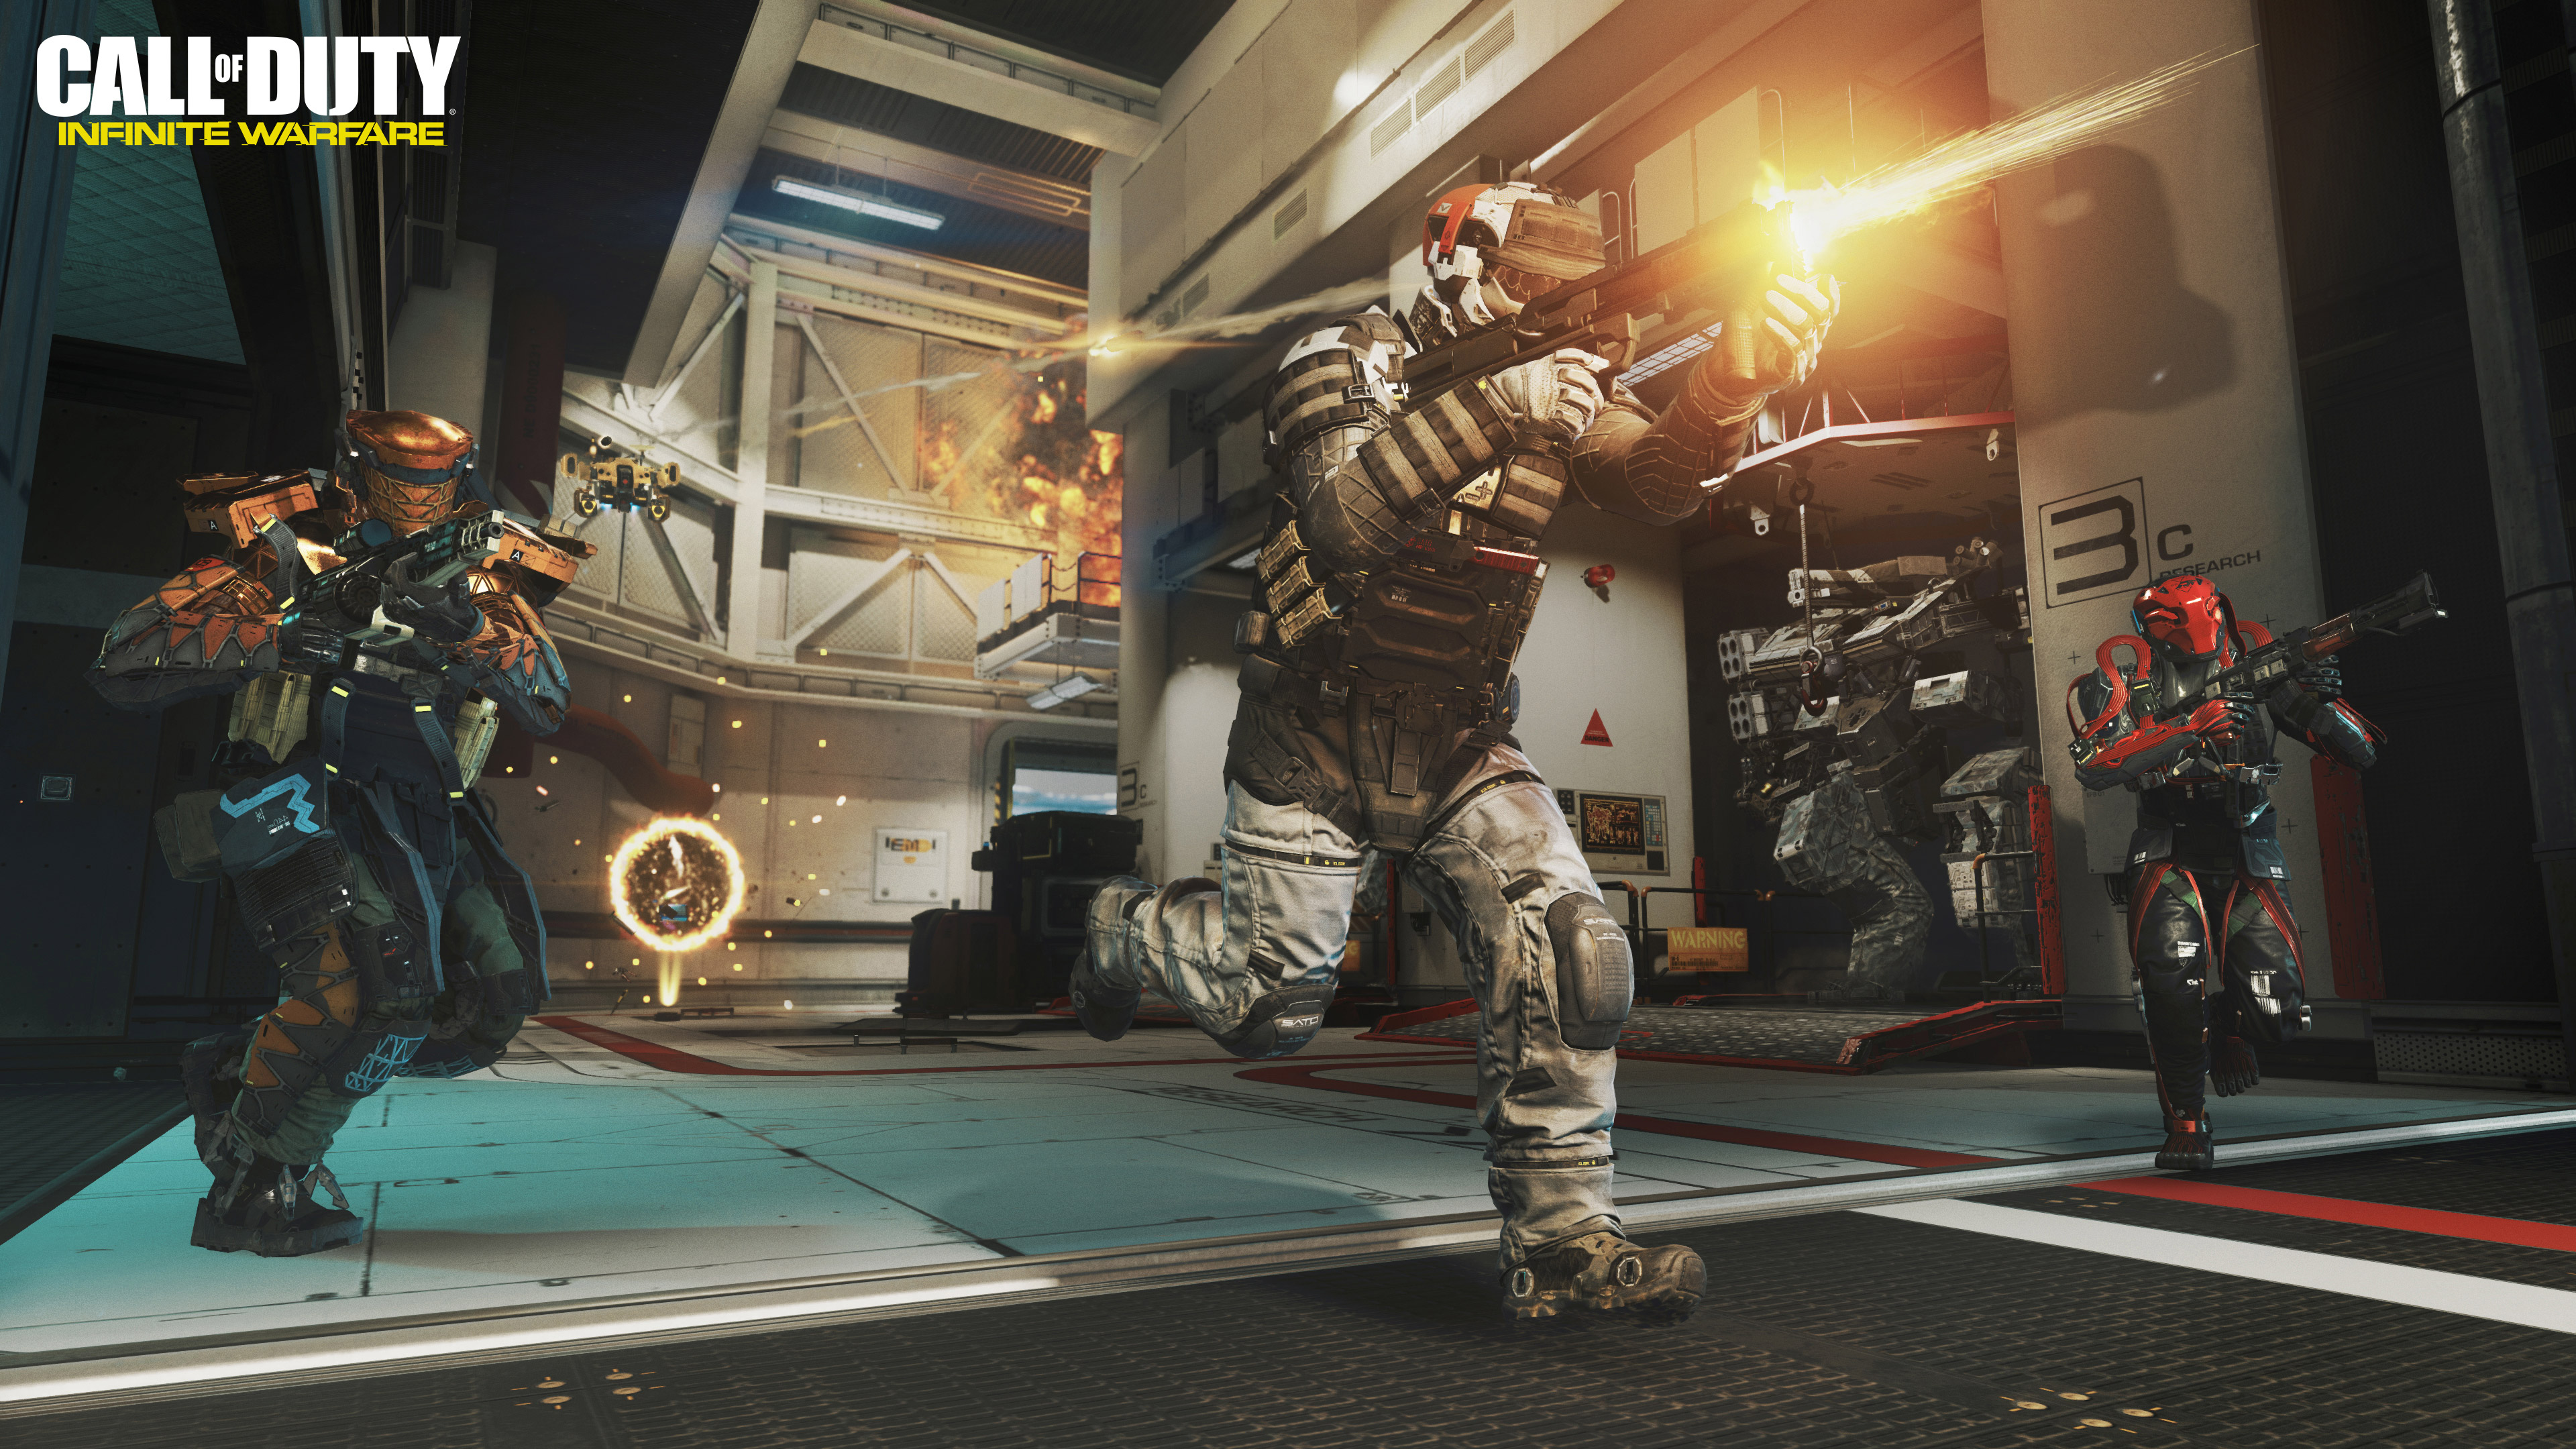 Зов долга бесконечной войны геймплей обои скачать